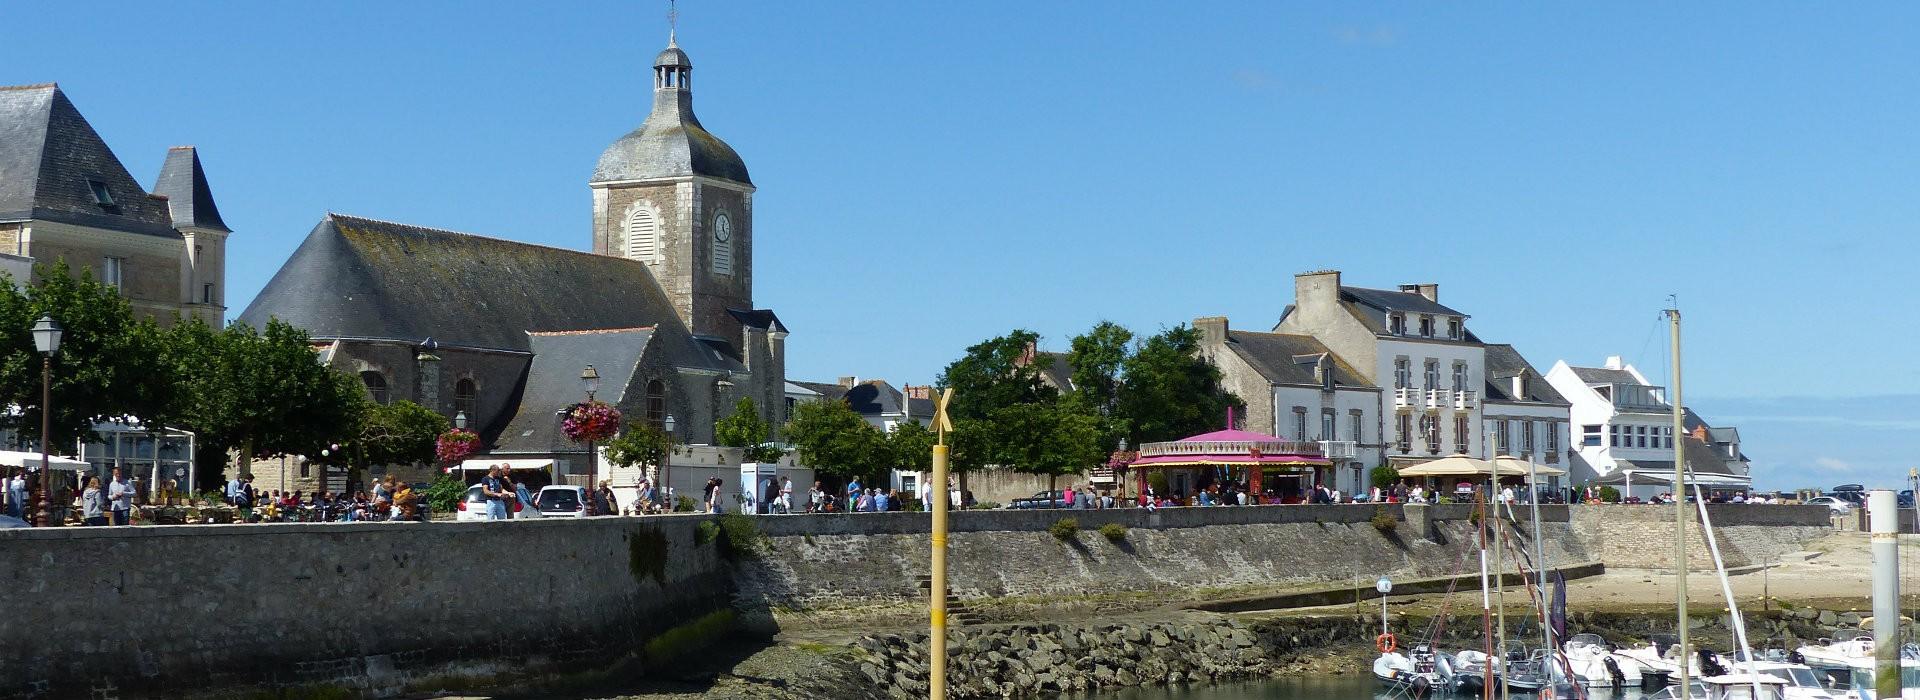 Restaurants et bars à Piriac-sur-Mer - OT La Baule Presqu'île de Guérande